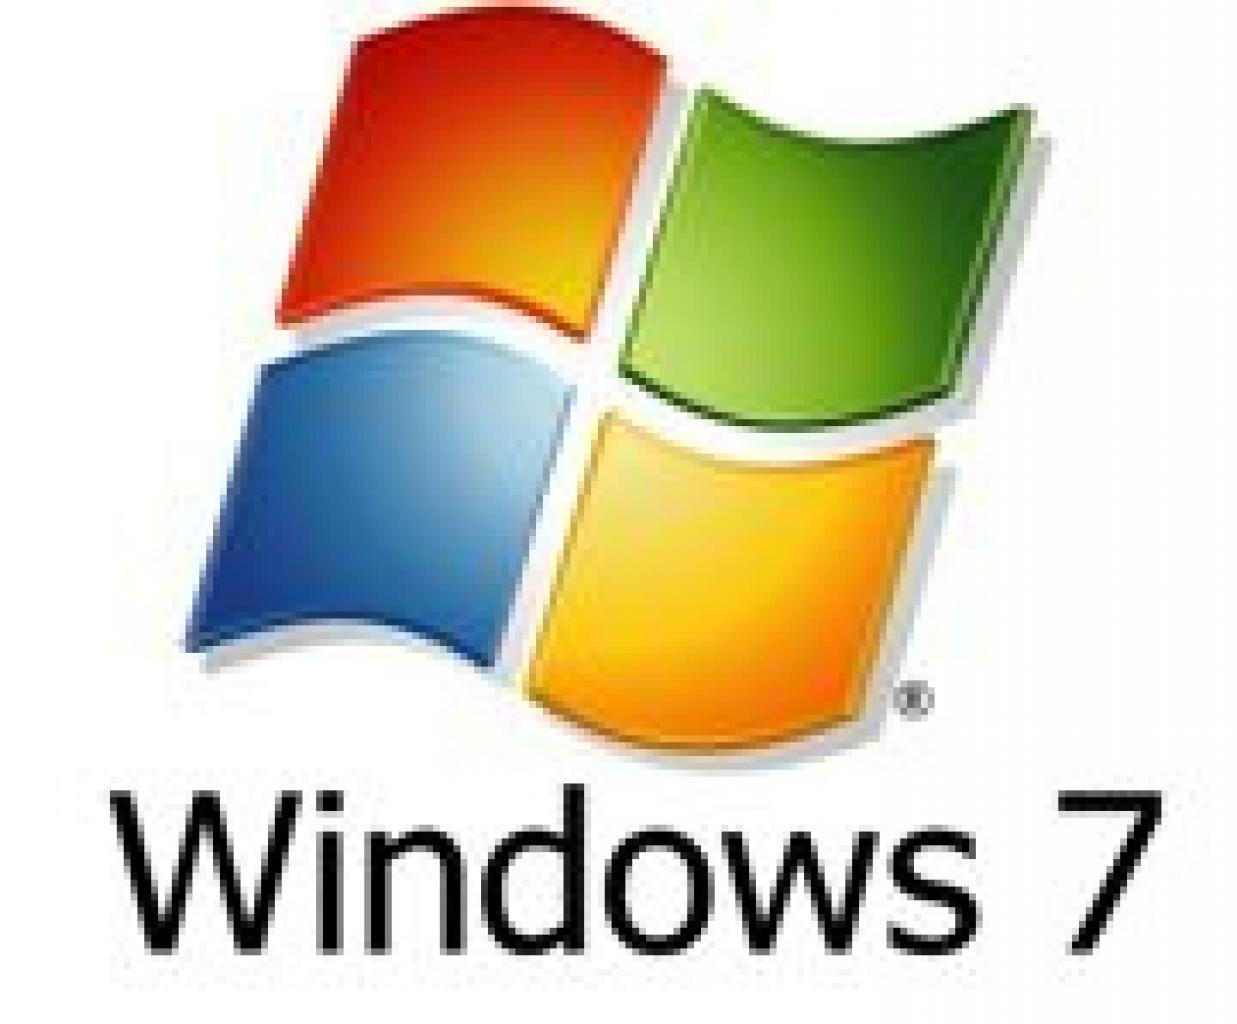 windows 7 images logo - photo #12